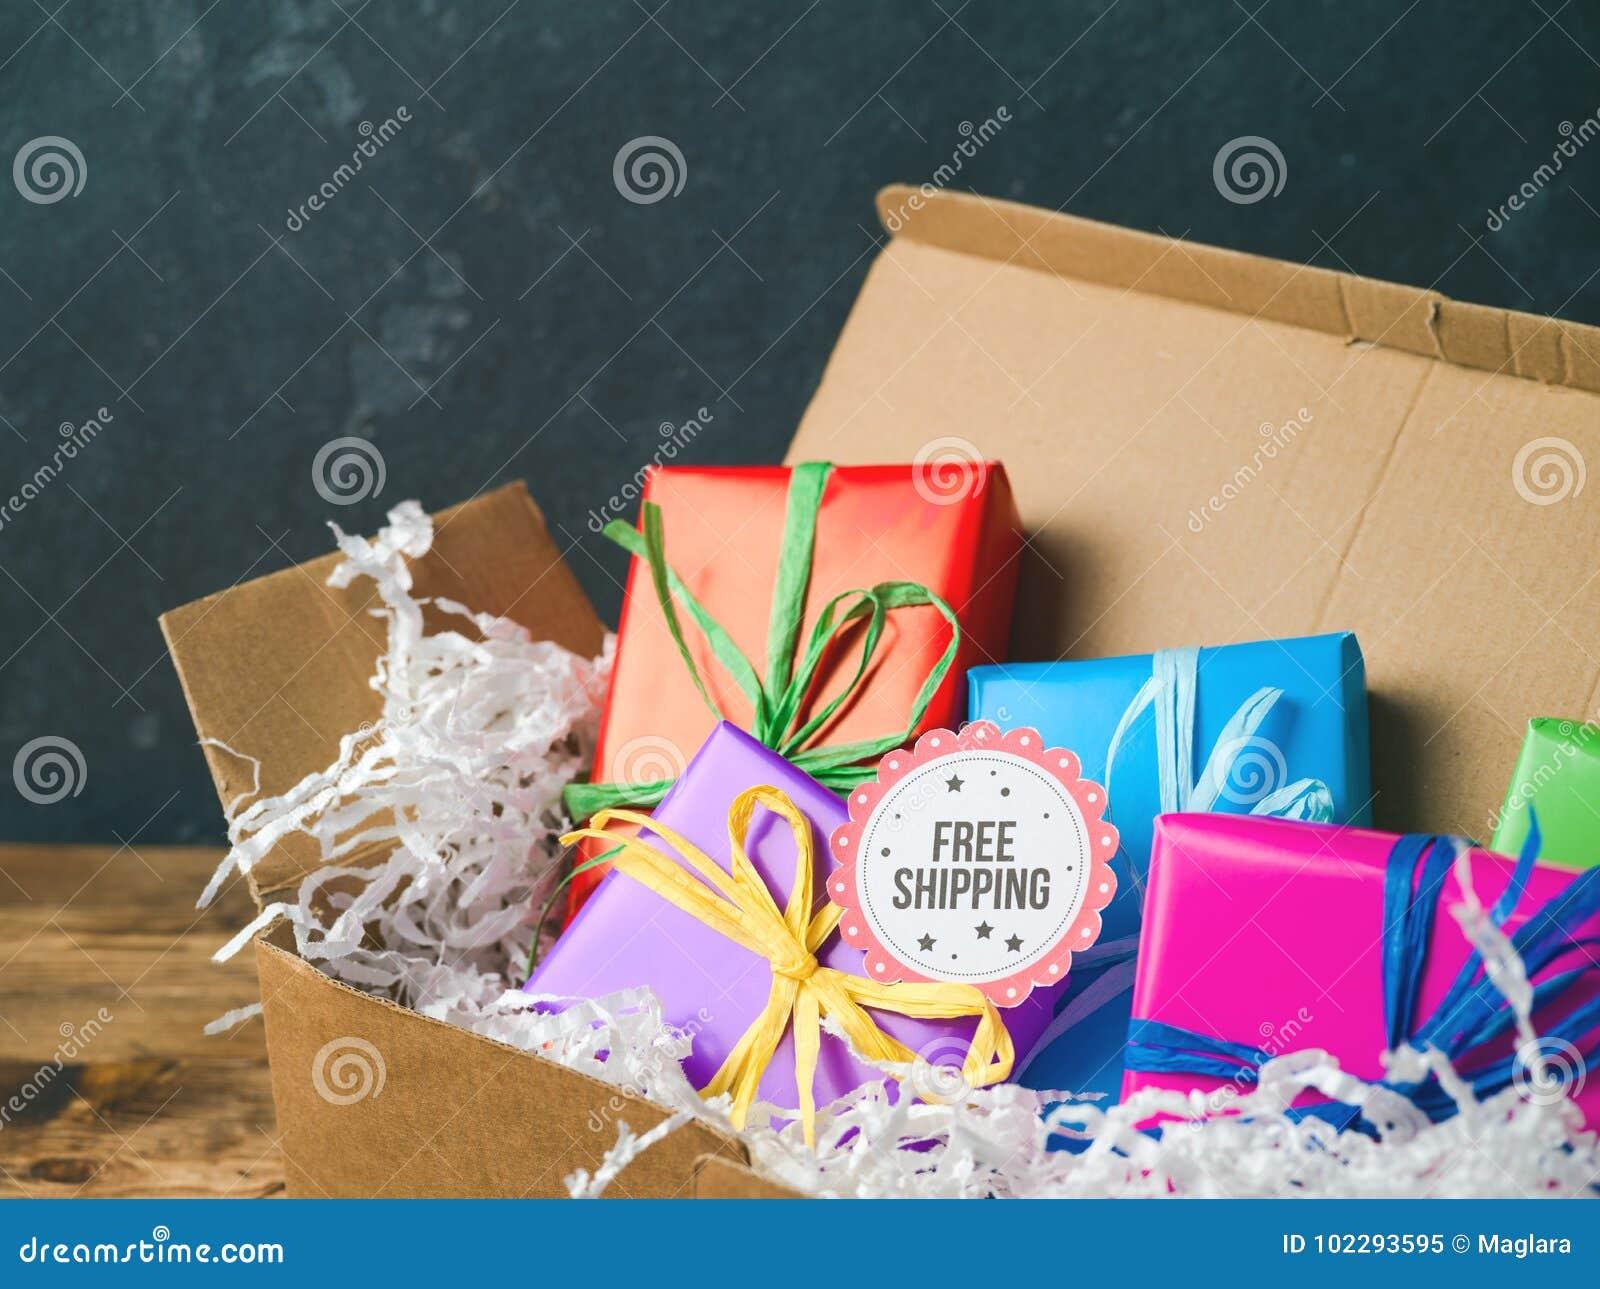 Bezpłatny wysyłki pojęcie z prezentów pudełkami